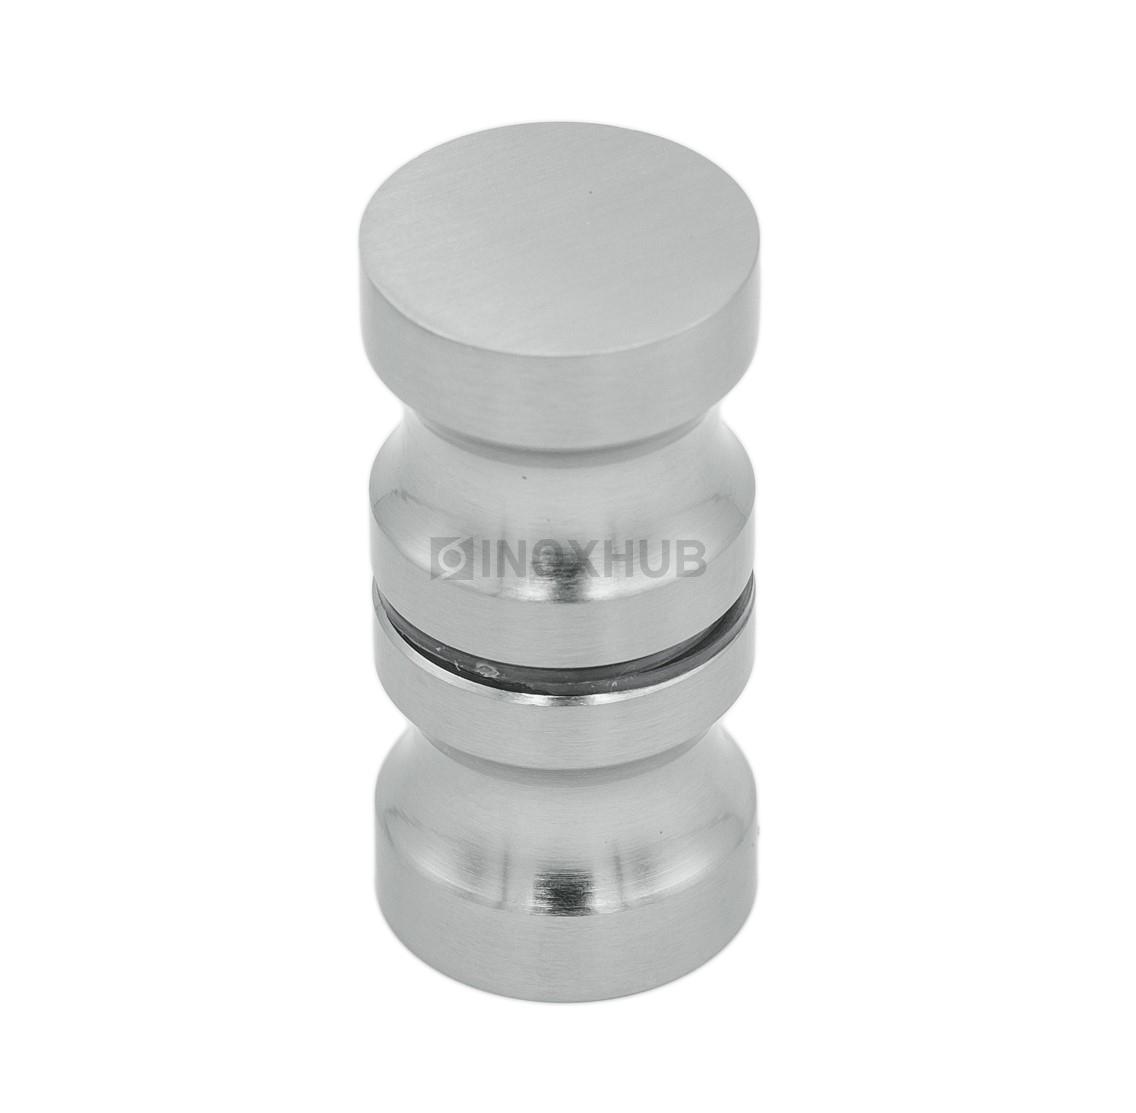 Кноб (692 SC)  стекло 6.0-12.0 мм хром матовый